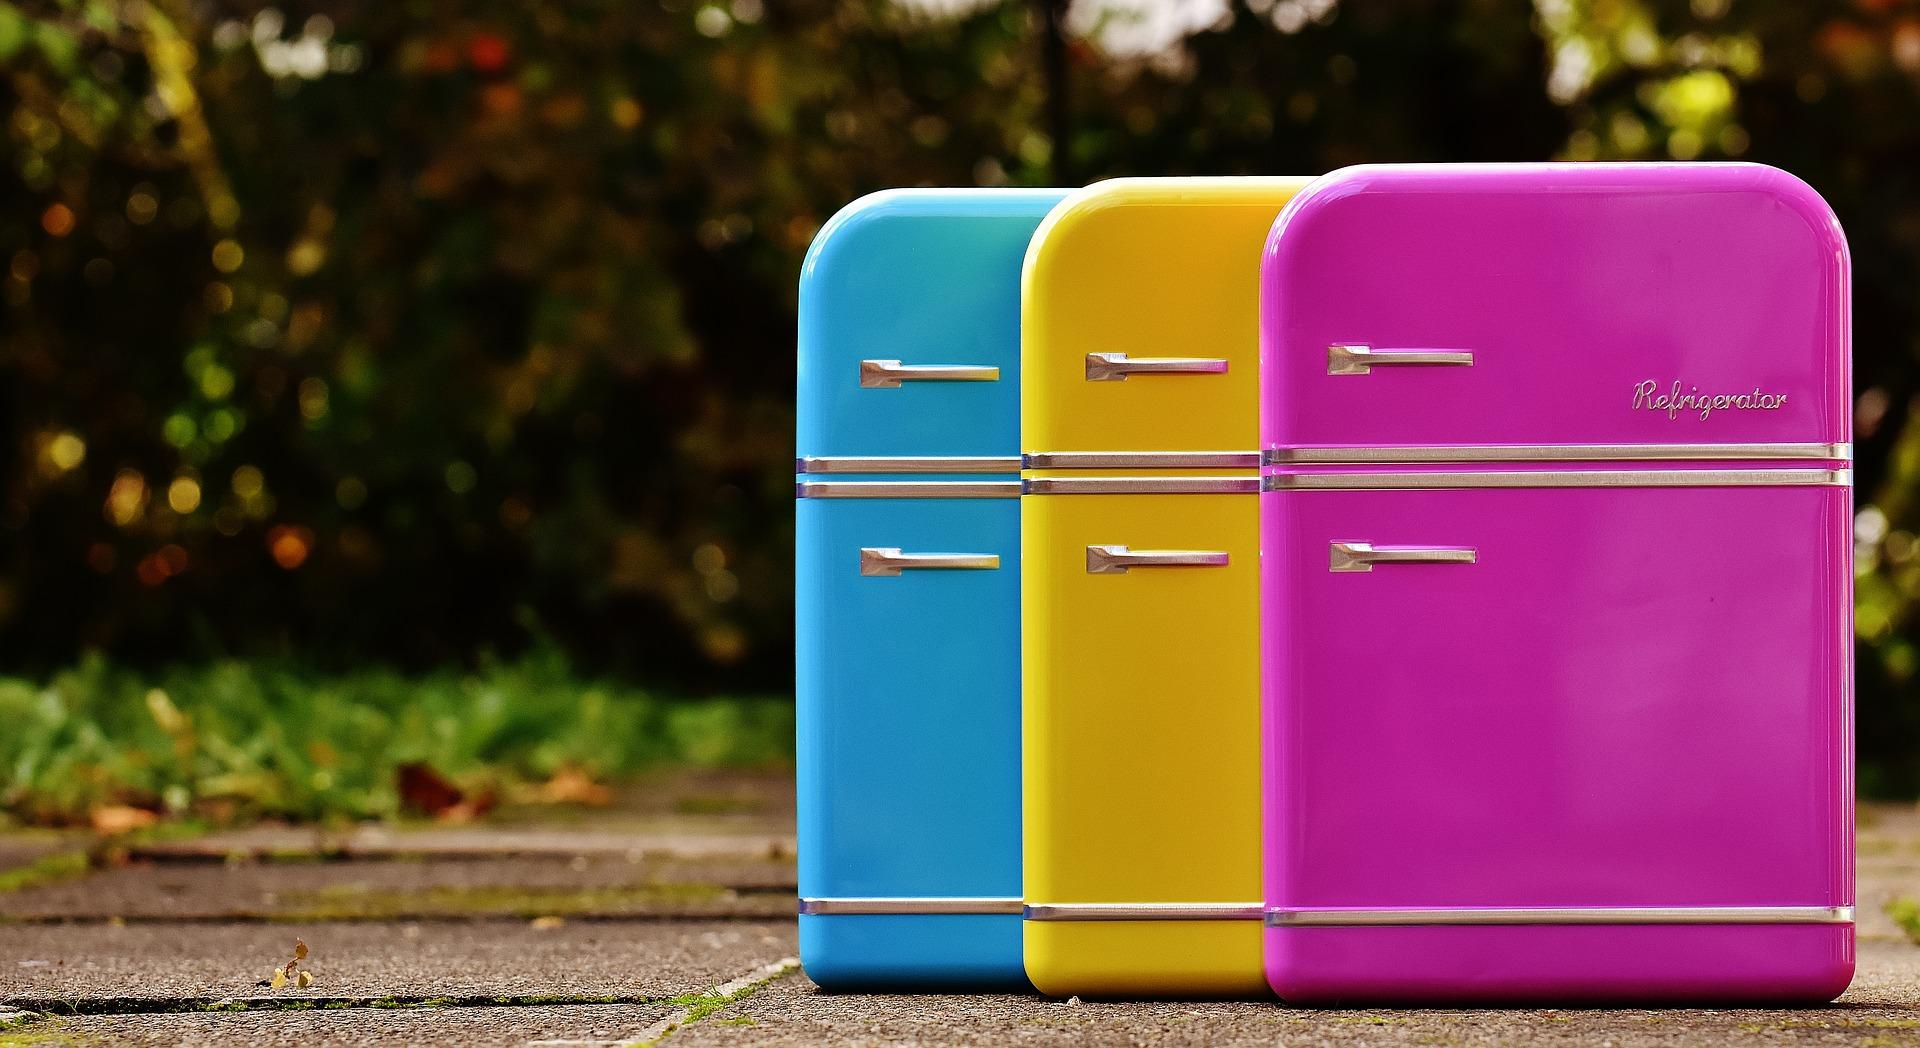 Três mini geladeiras coloridas.